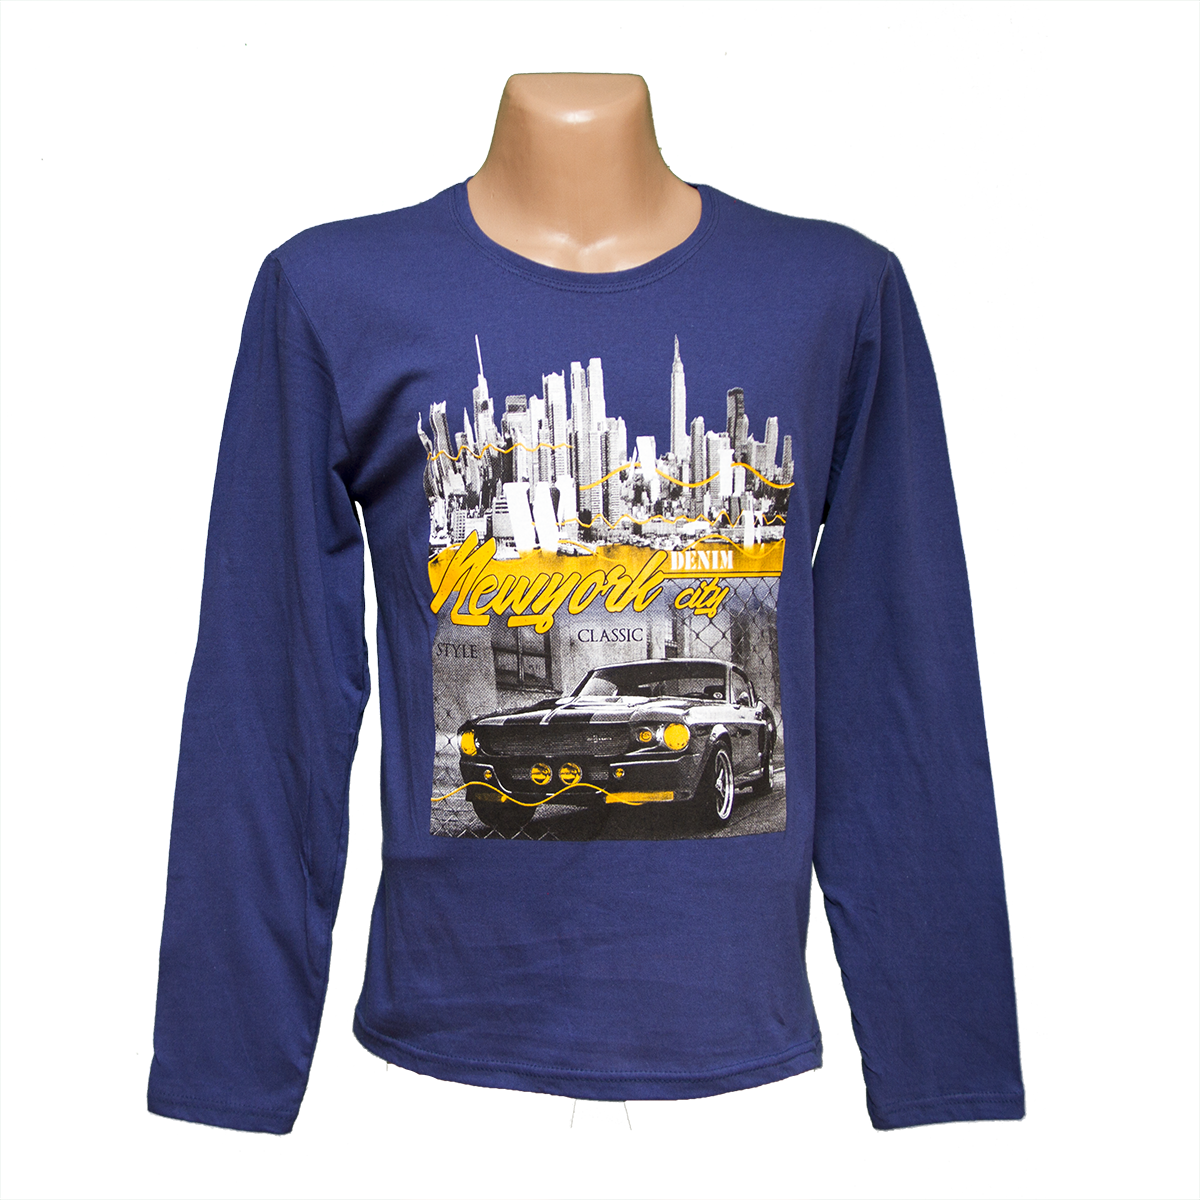 Мужские футболки с длинным рукавом большие размеры 7907-7 оптом и в ... 2234446e6a57c